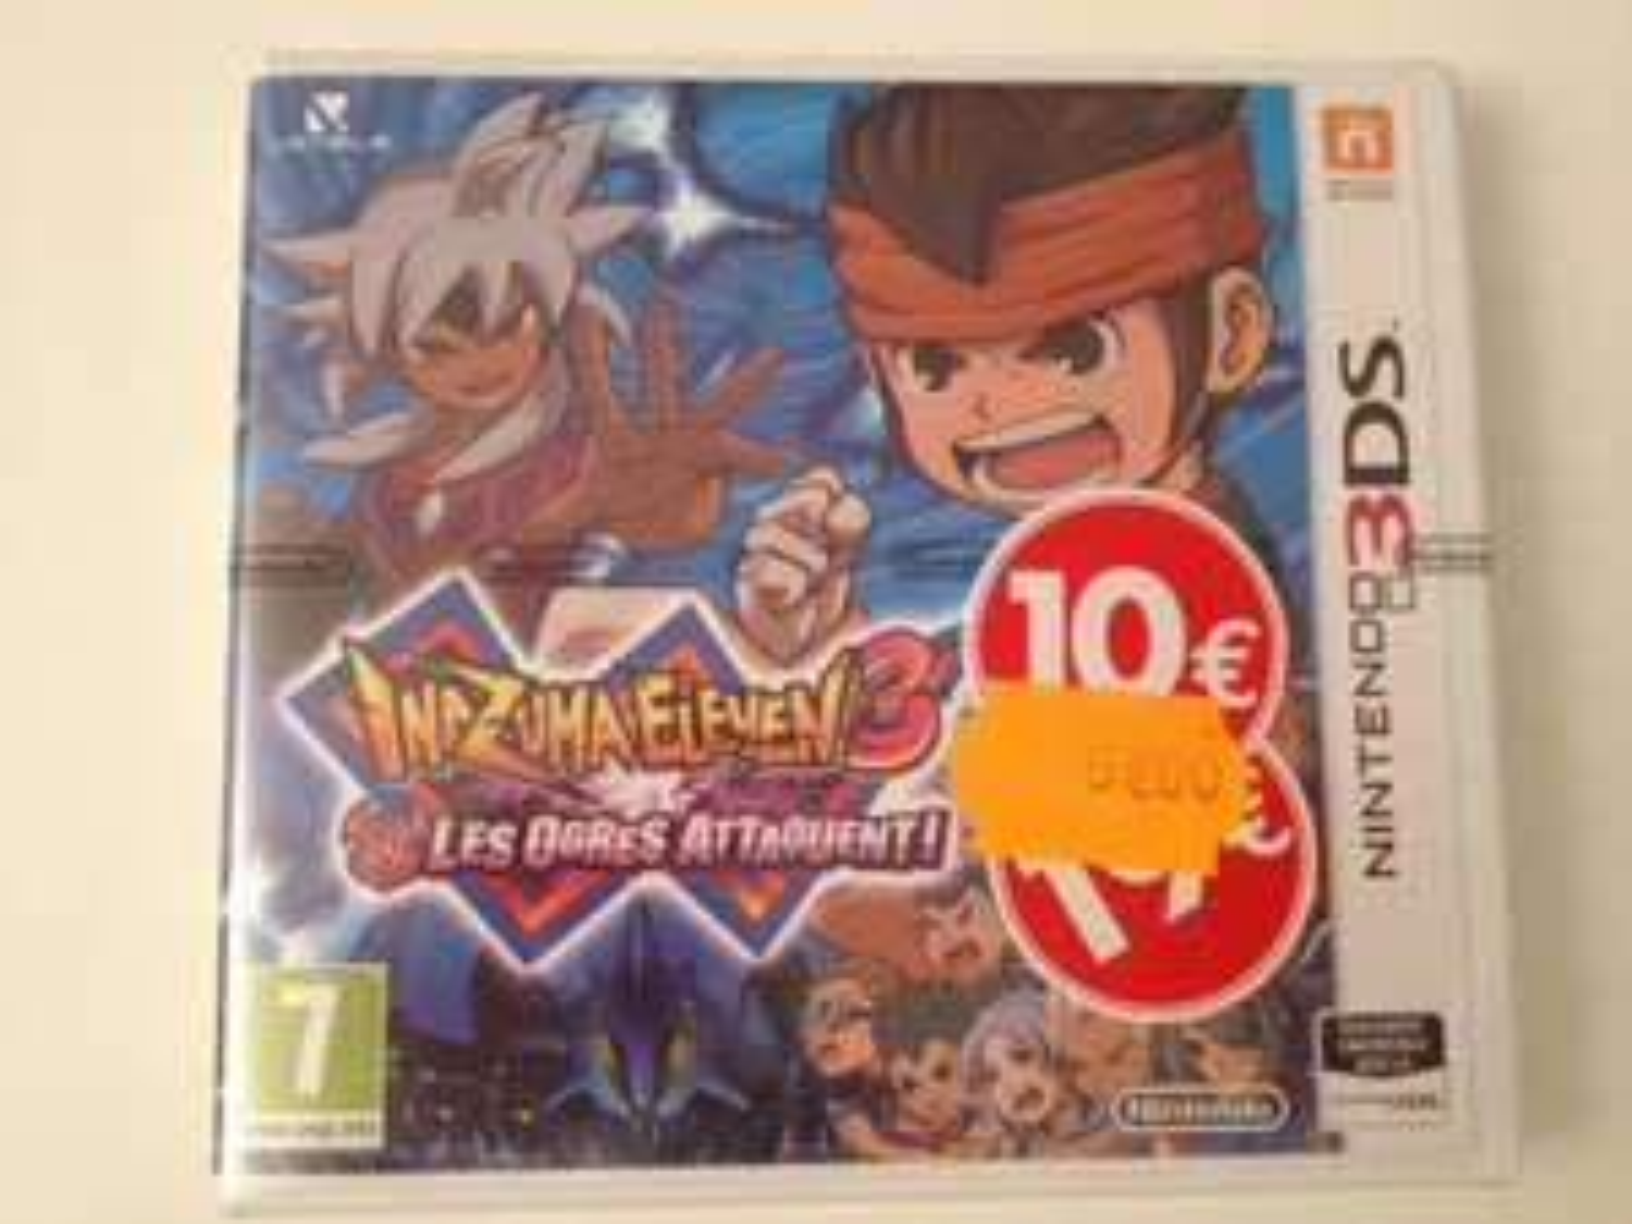 Jeu Inazuma Eleven 3 Les Ogres Attaquent sur Nintendo 3DS